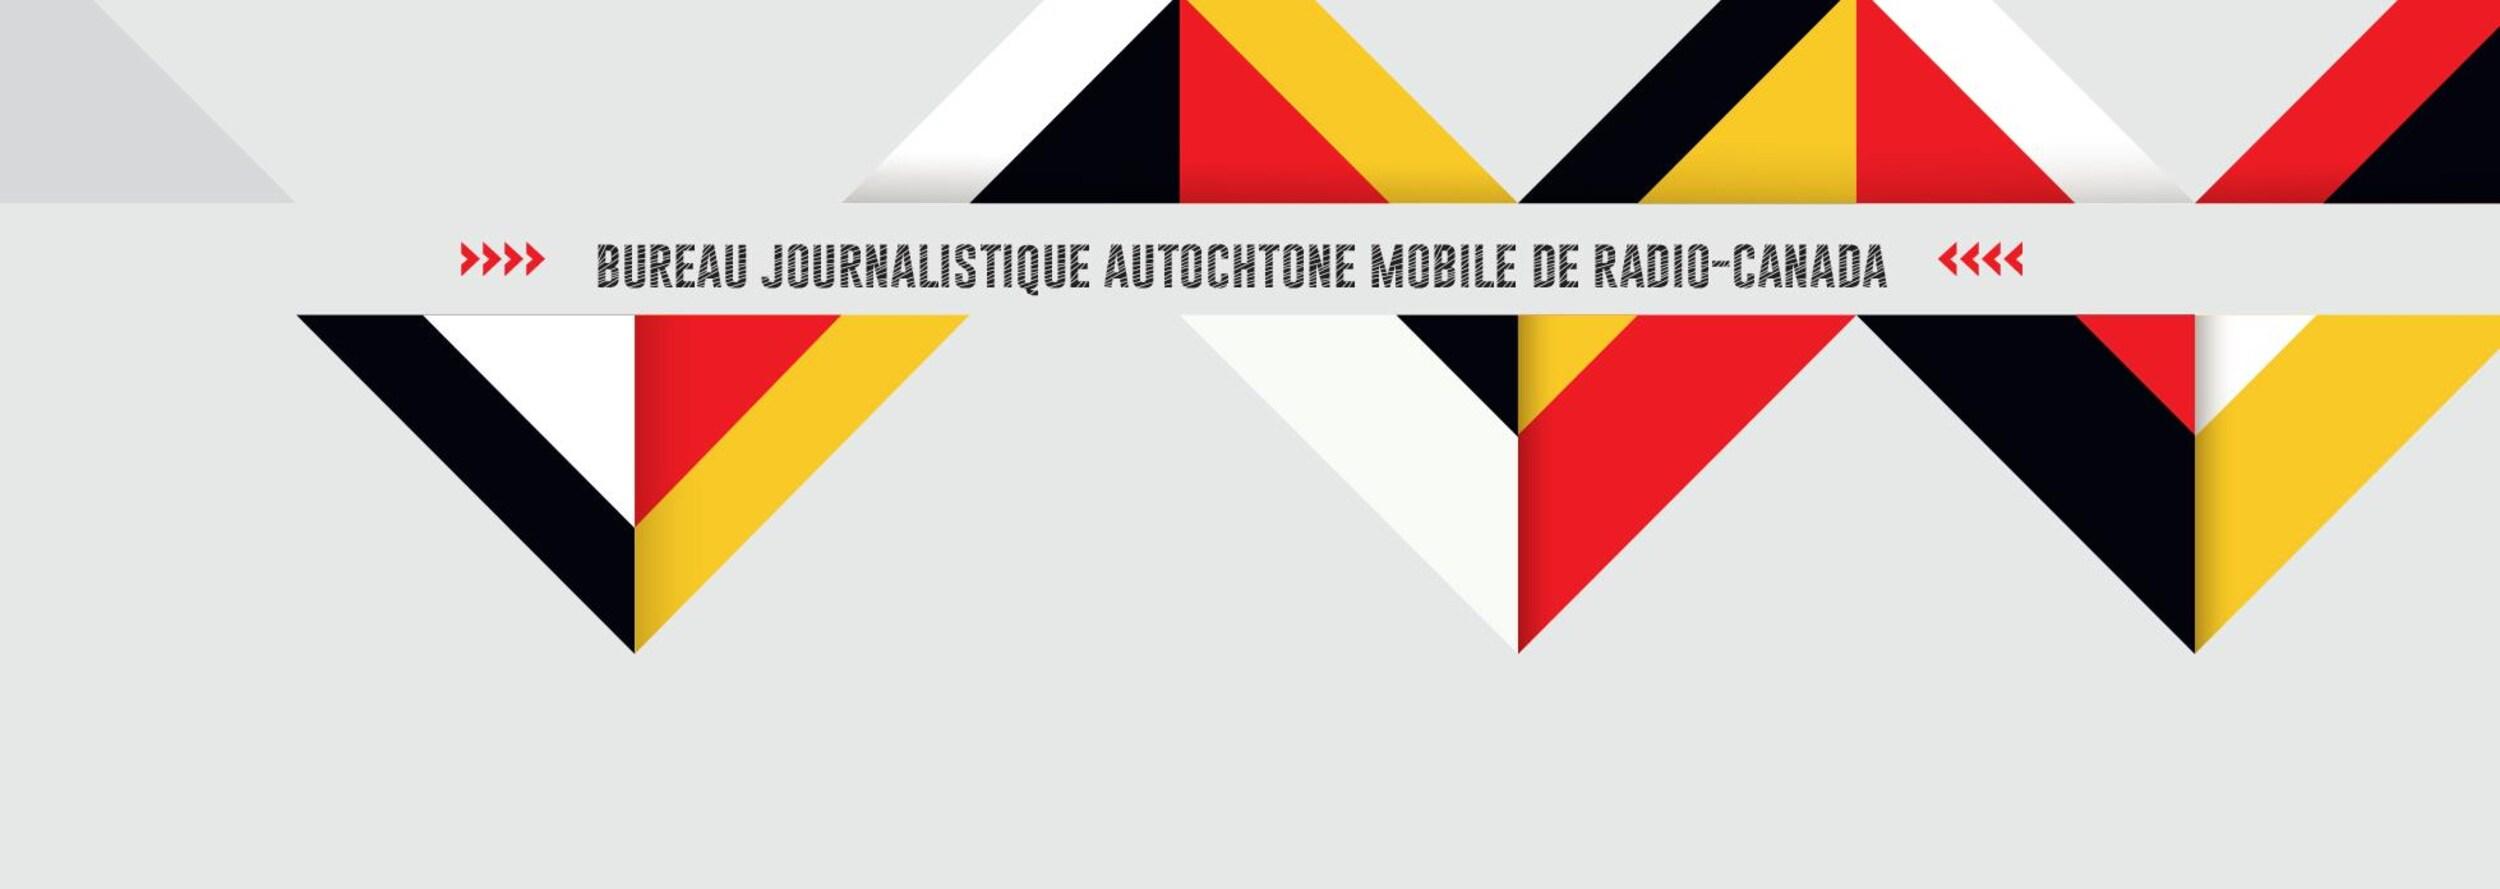 Offre d'emploi au nouveau bureau journalistique autochtone mobile